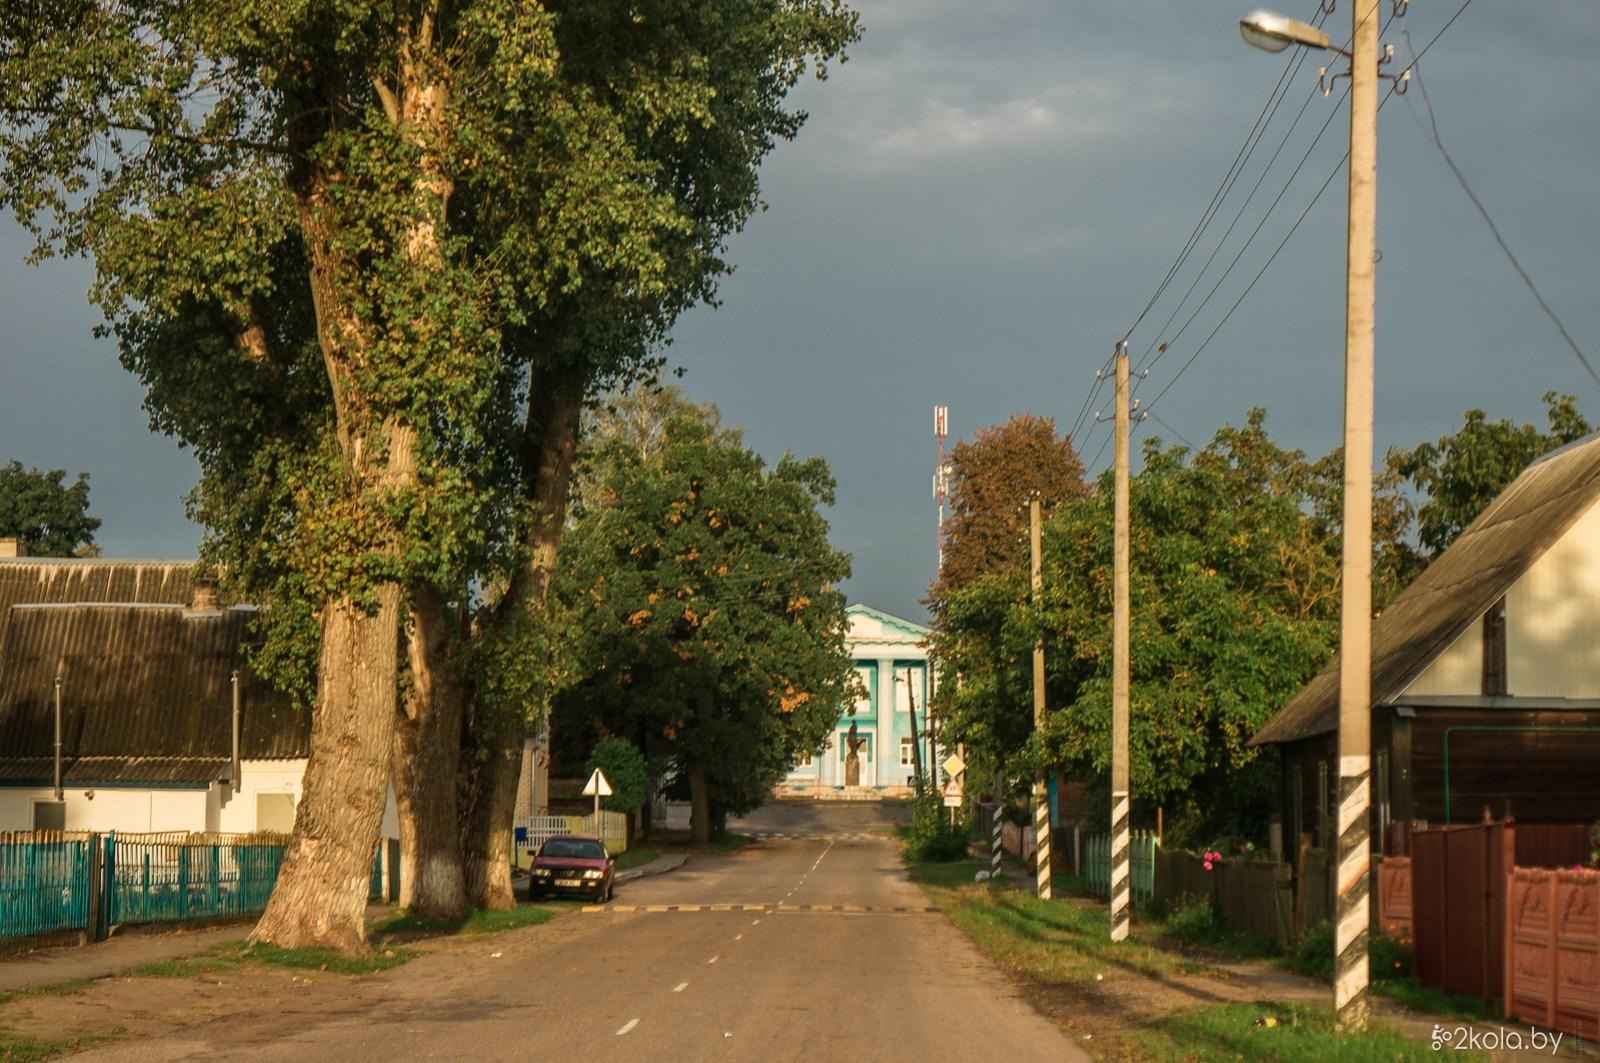 Бытень - Береза